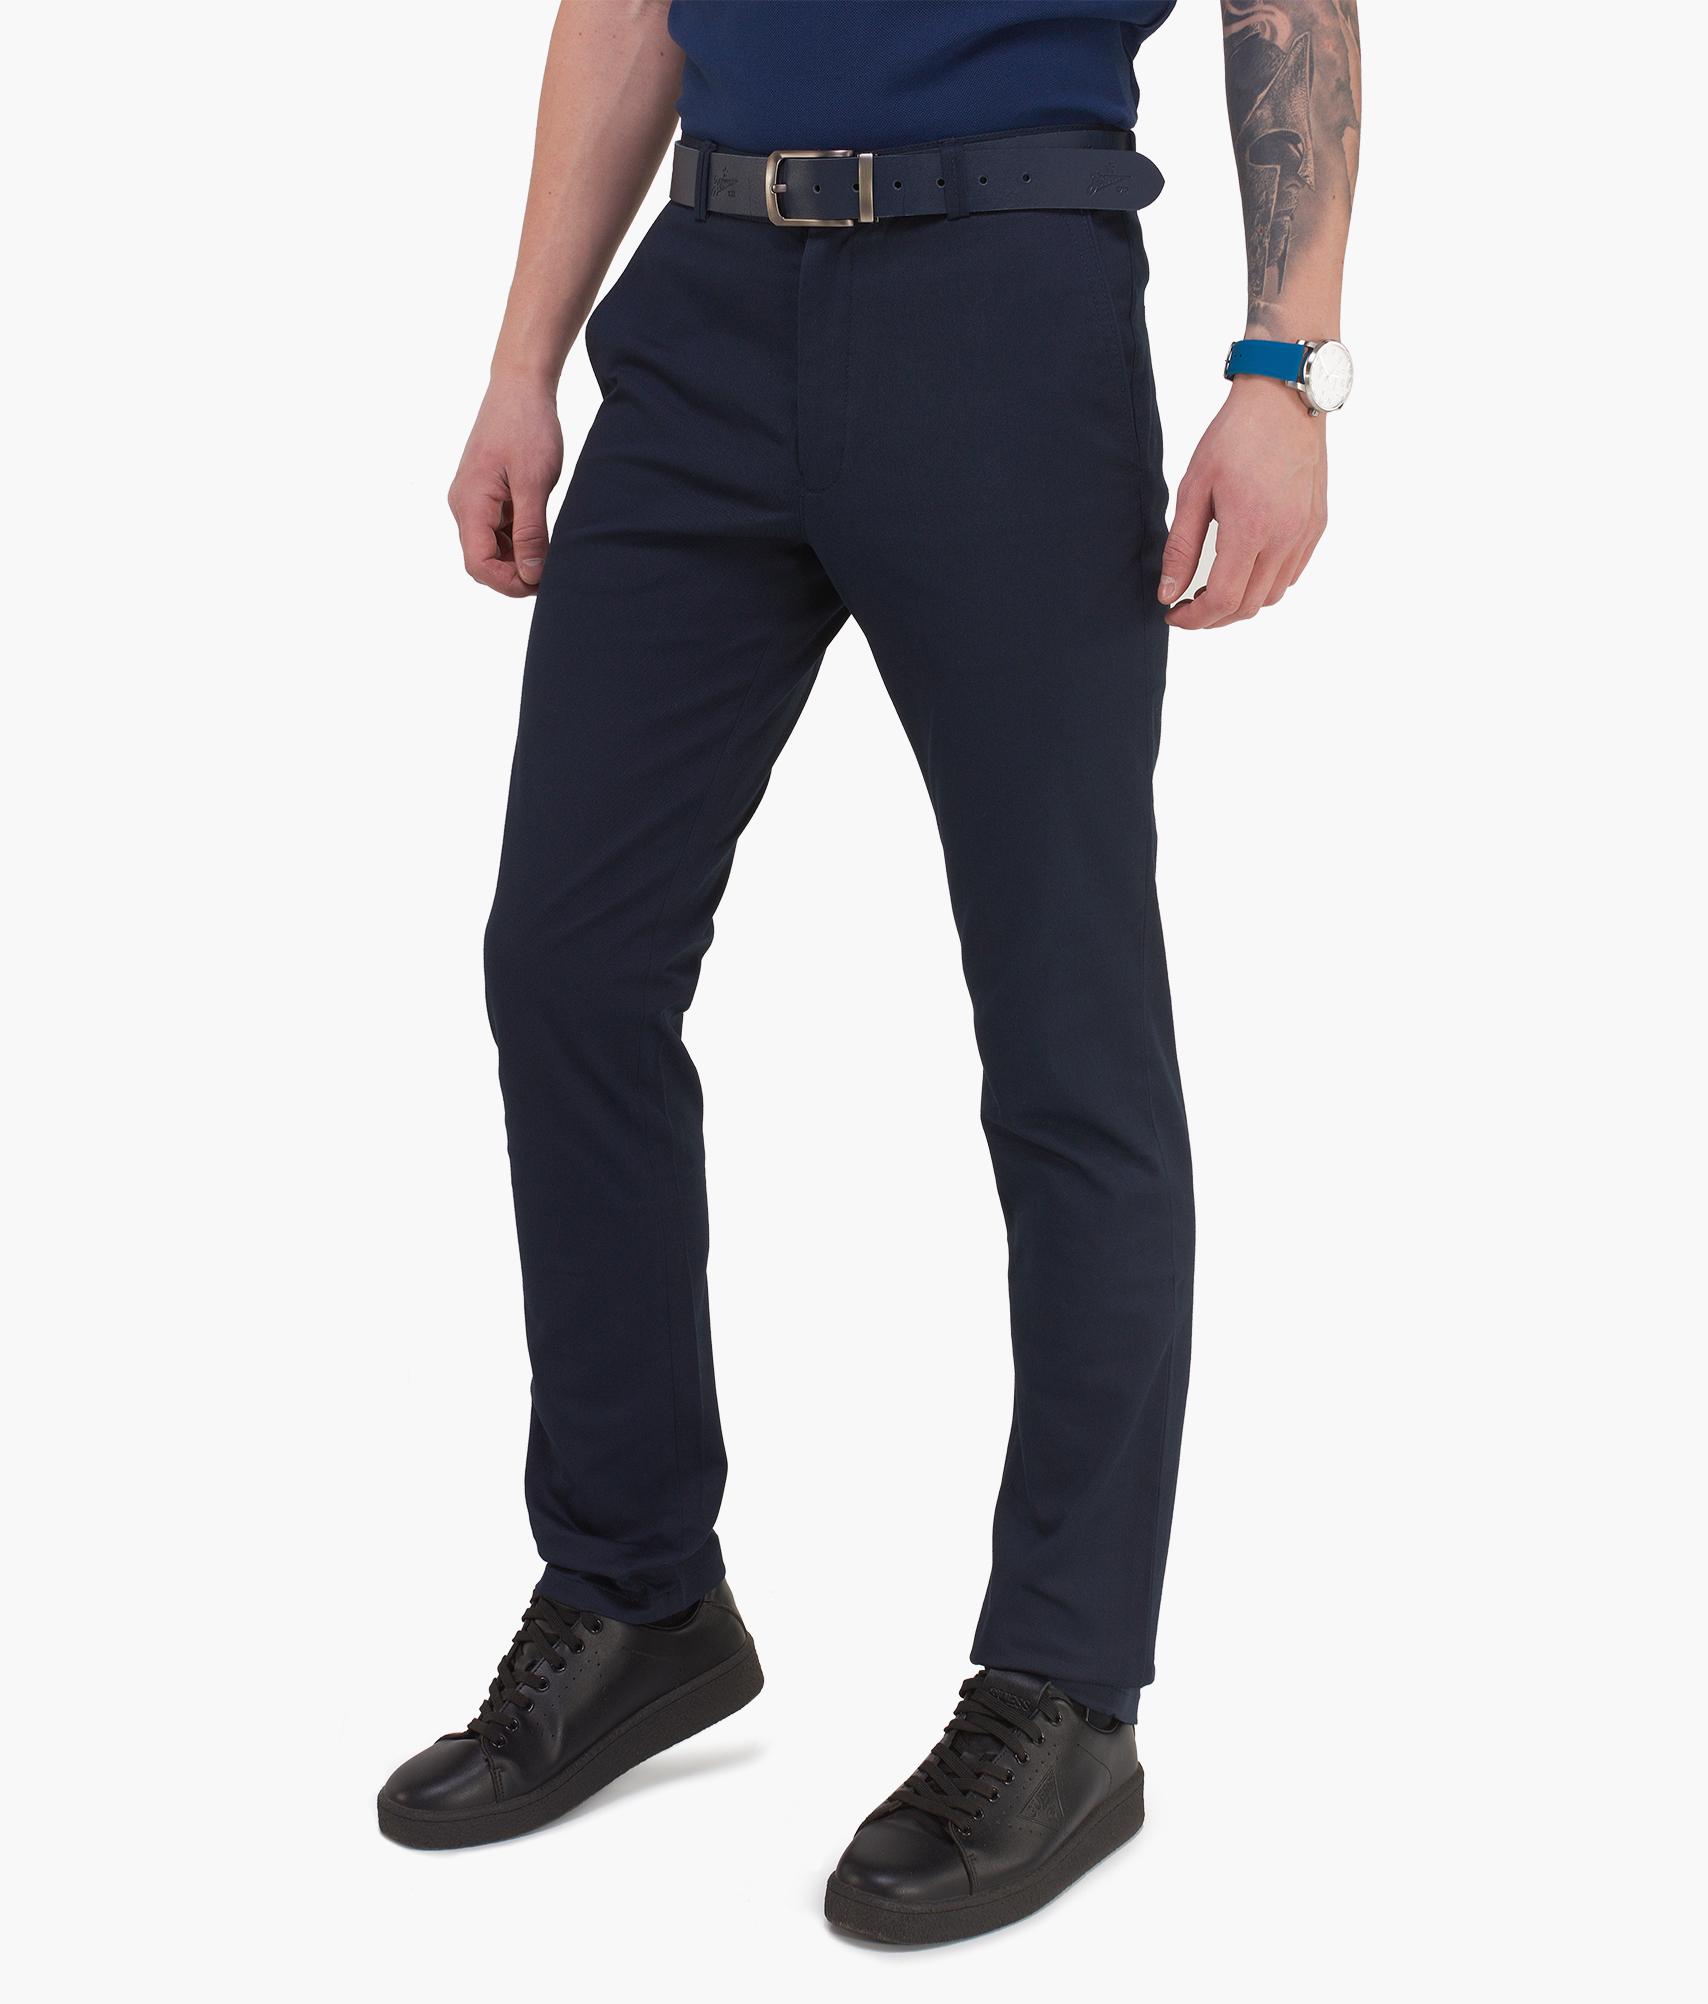 Брюки мужские Зенит Цвет-Темно-Синий брюки мужские oodji lab цвет темно синий голубой 2l150131m 47756n 7970o размер 46 54 182